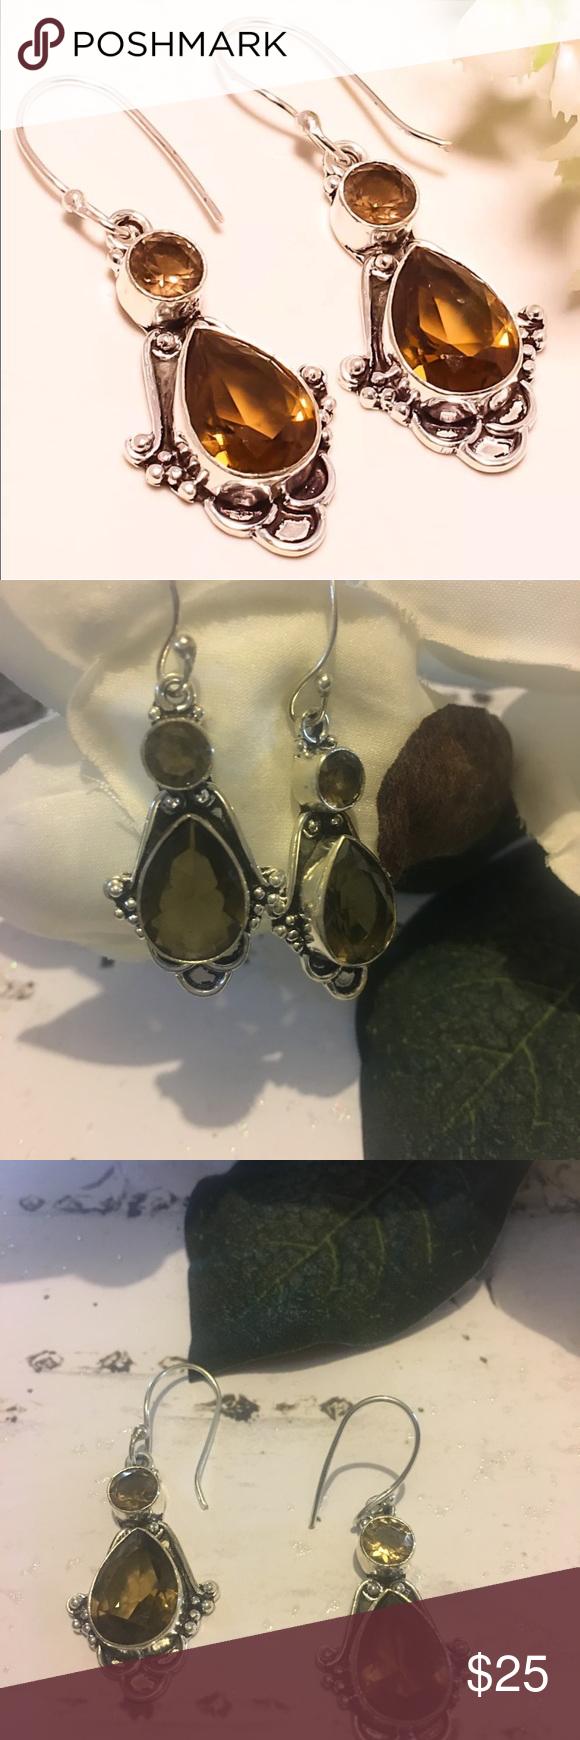 Hpsmoky topaz earrings boutique topaz earrings